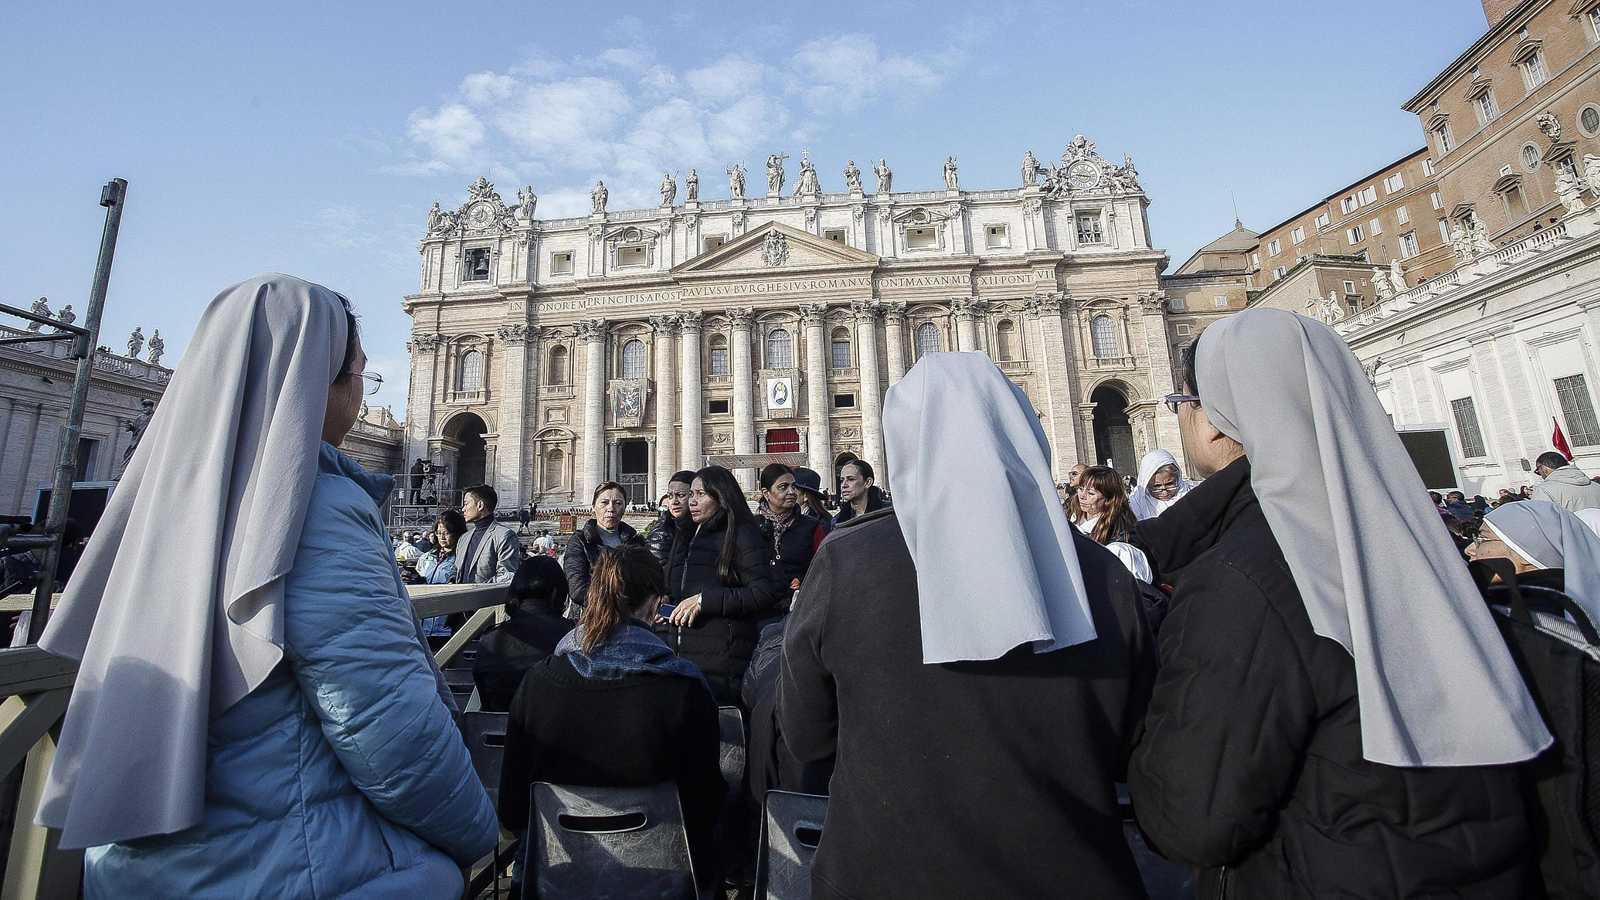 Revista vaticana abordará panorámica de los abusos sexuales y laborales contra monjas